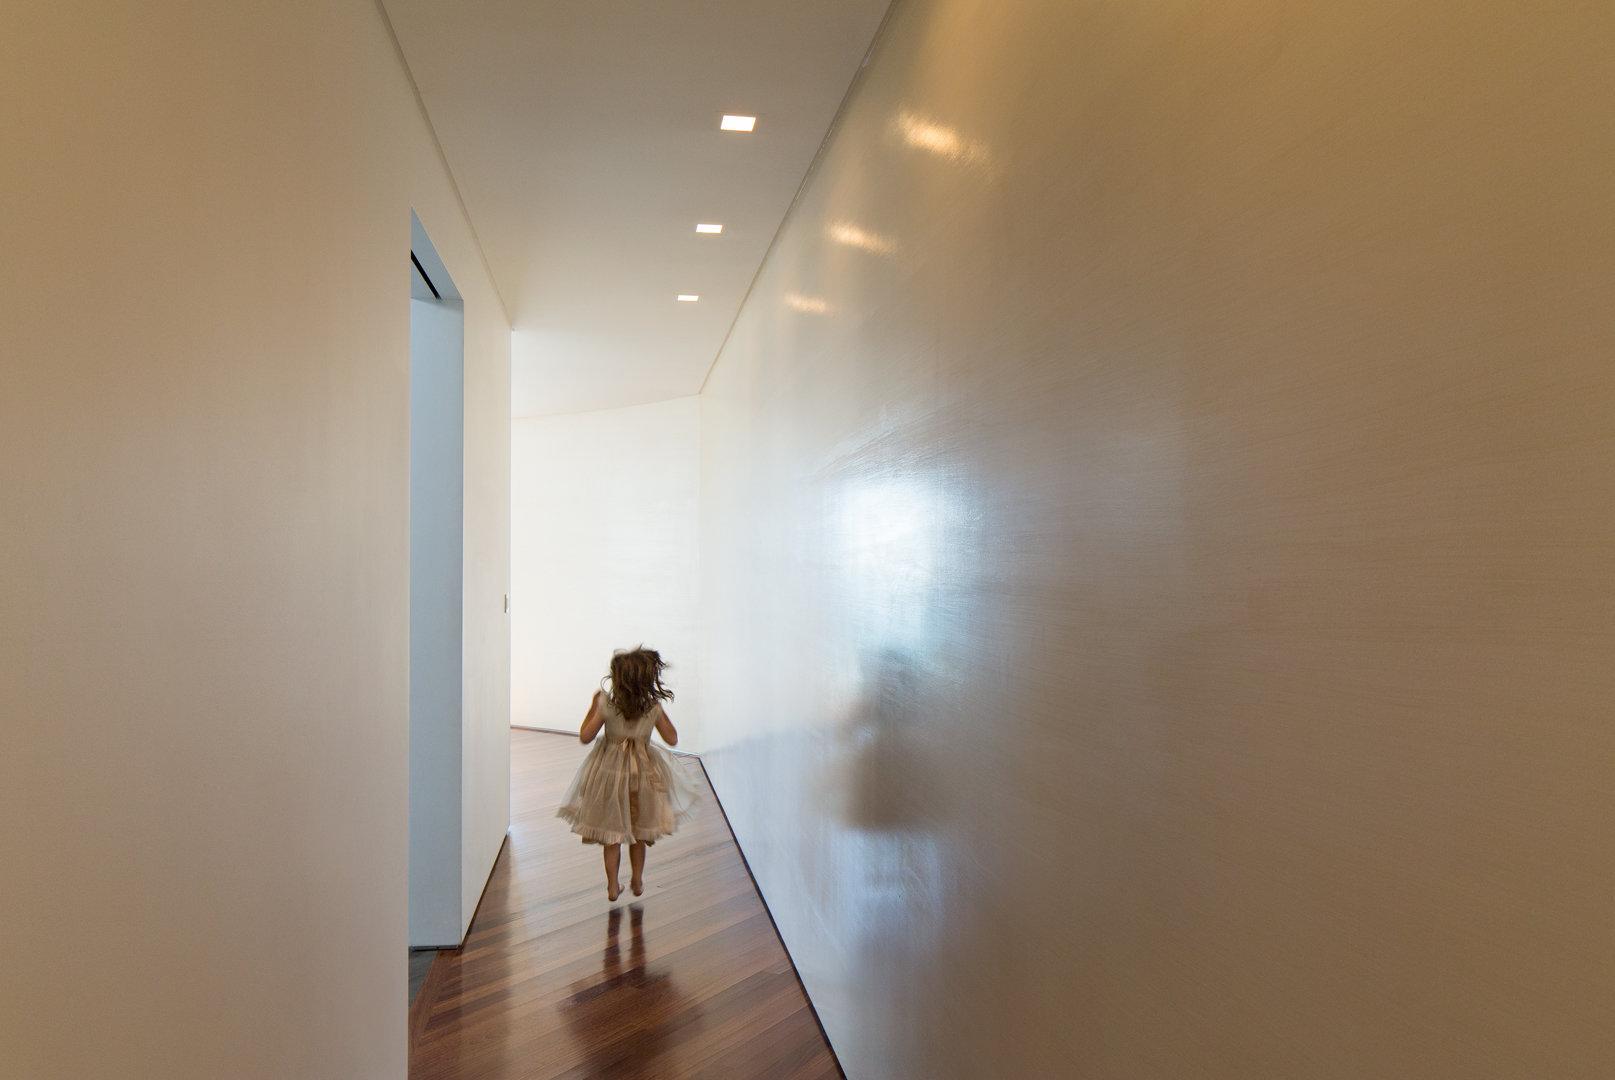 Lena_Crescentini_Girl-2-In-Hall_WEB.jpg